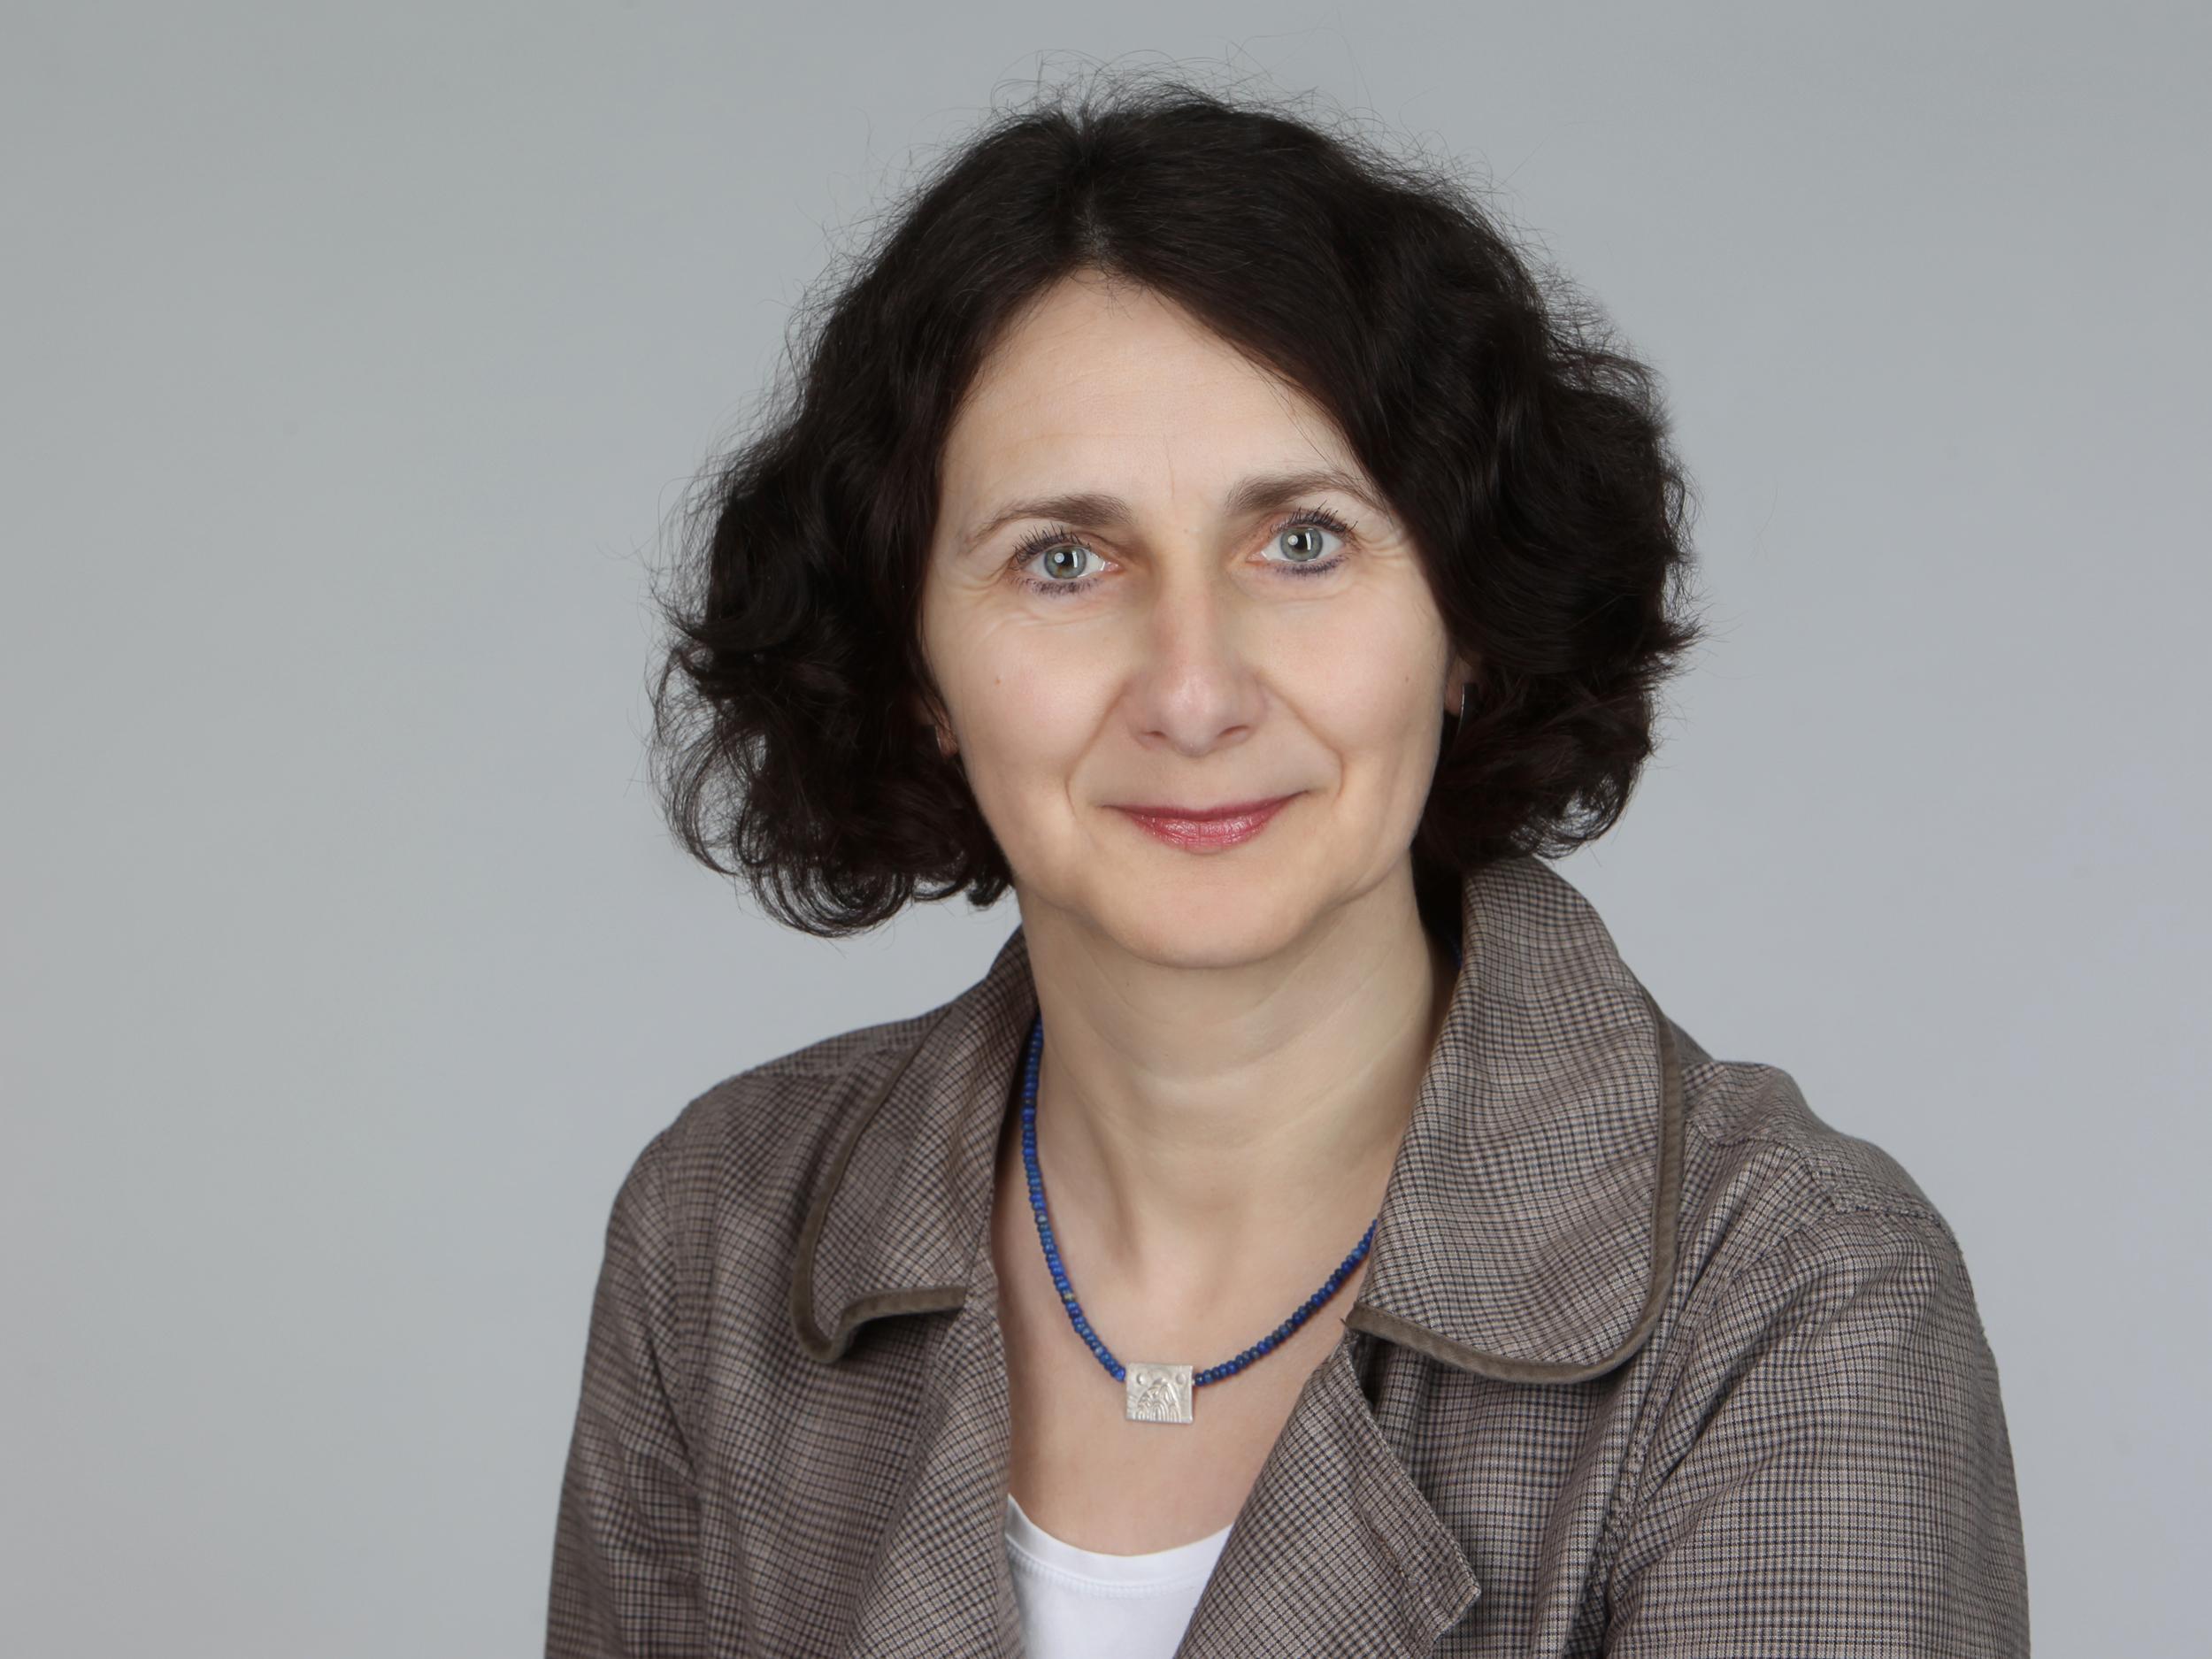 Simone Jürß, Gleichstellungsbeauftragte des Landkreis Nordwestmecklenburg